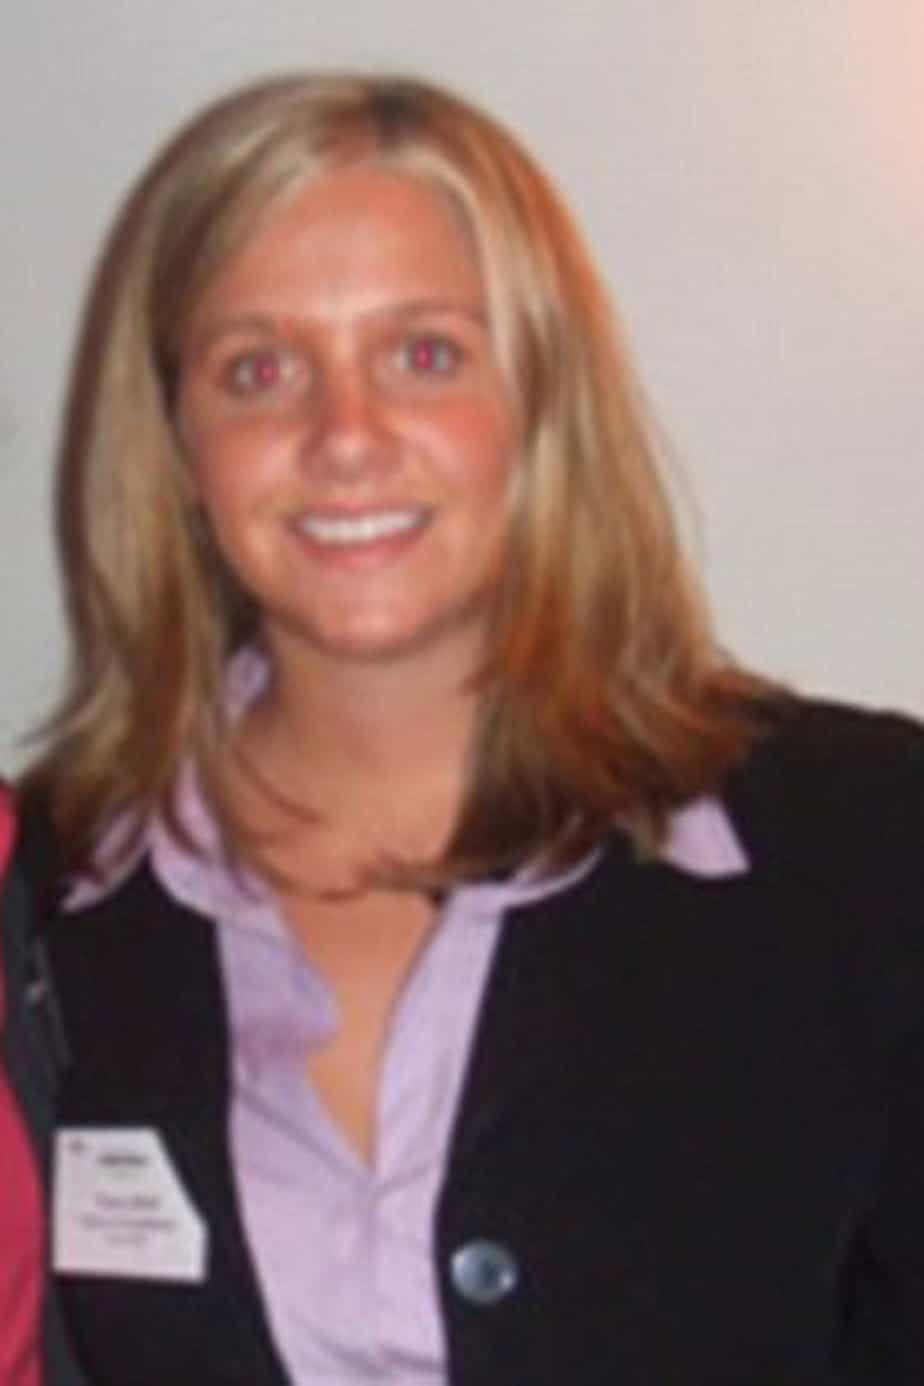 Jill Dilosa- Benjamin Moore's Former CEO Bob Merritt's Wife